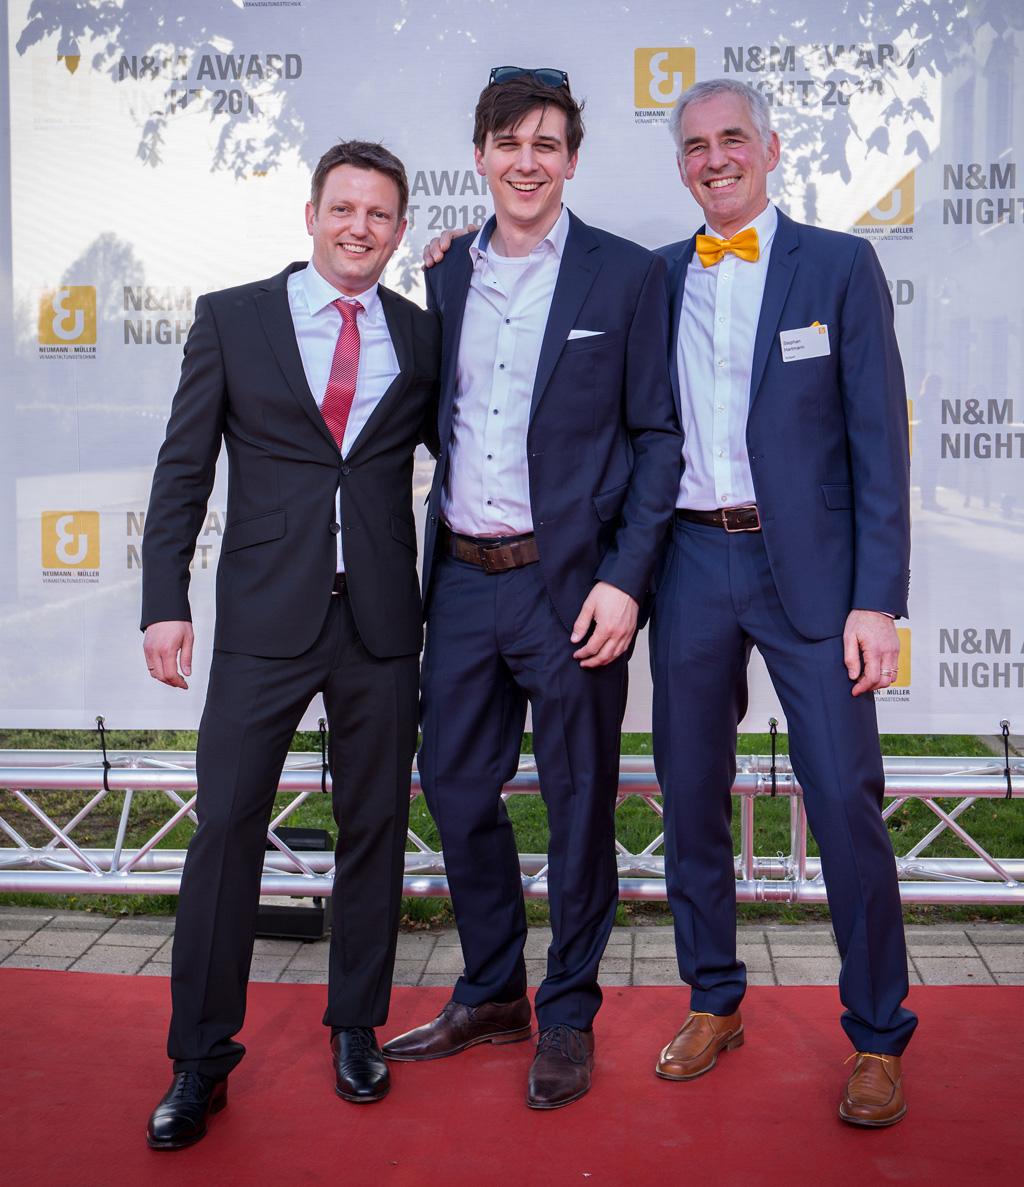 Alex Ostermaier, Christoph Rupieper, Stephan Hartmann (von links nach rechts)